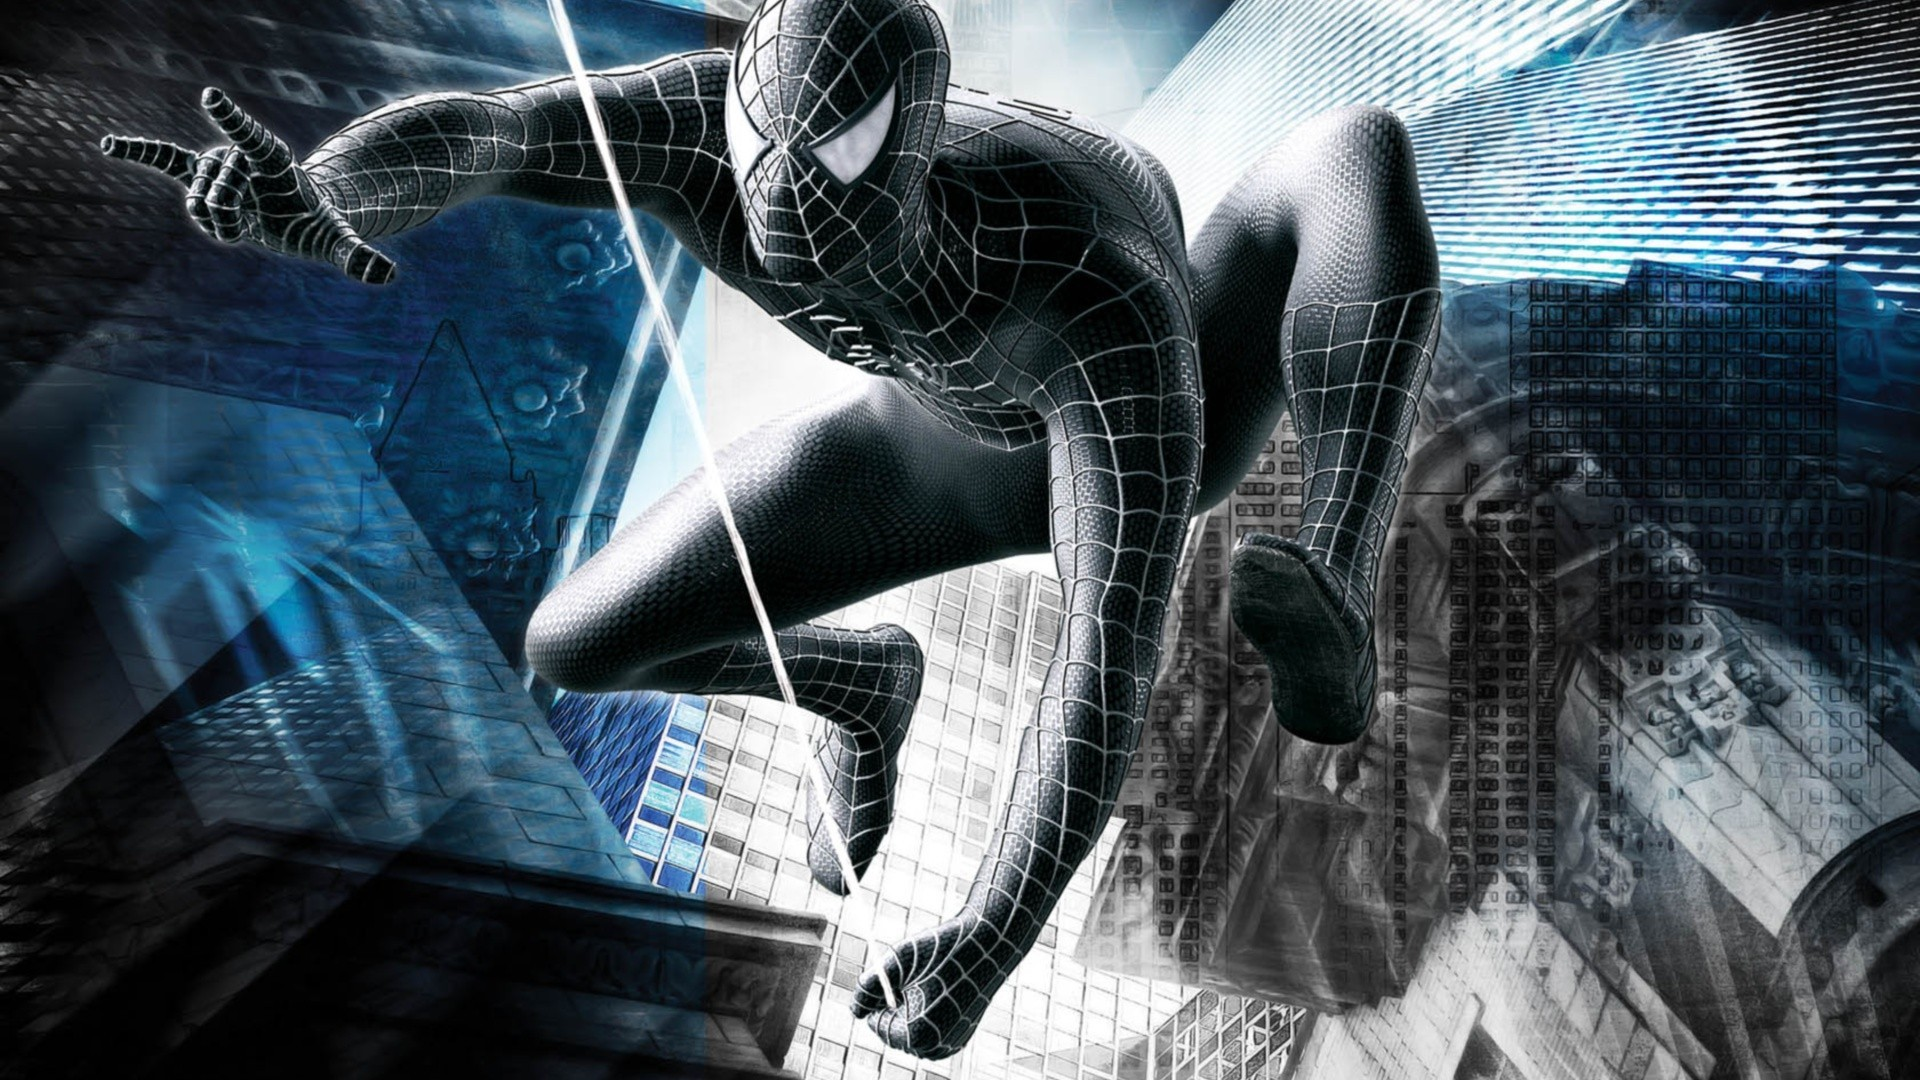 Spider man 3 wallpapers wallpapersafari - Man wallpaper ...